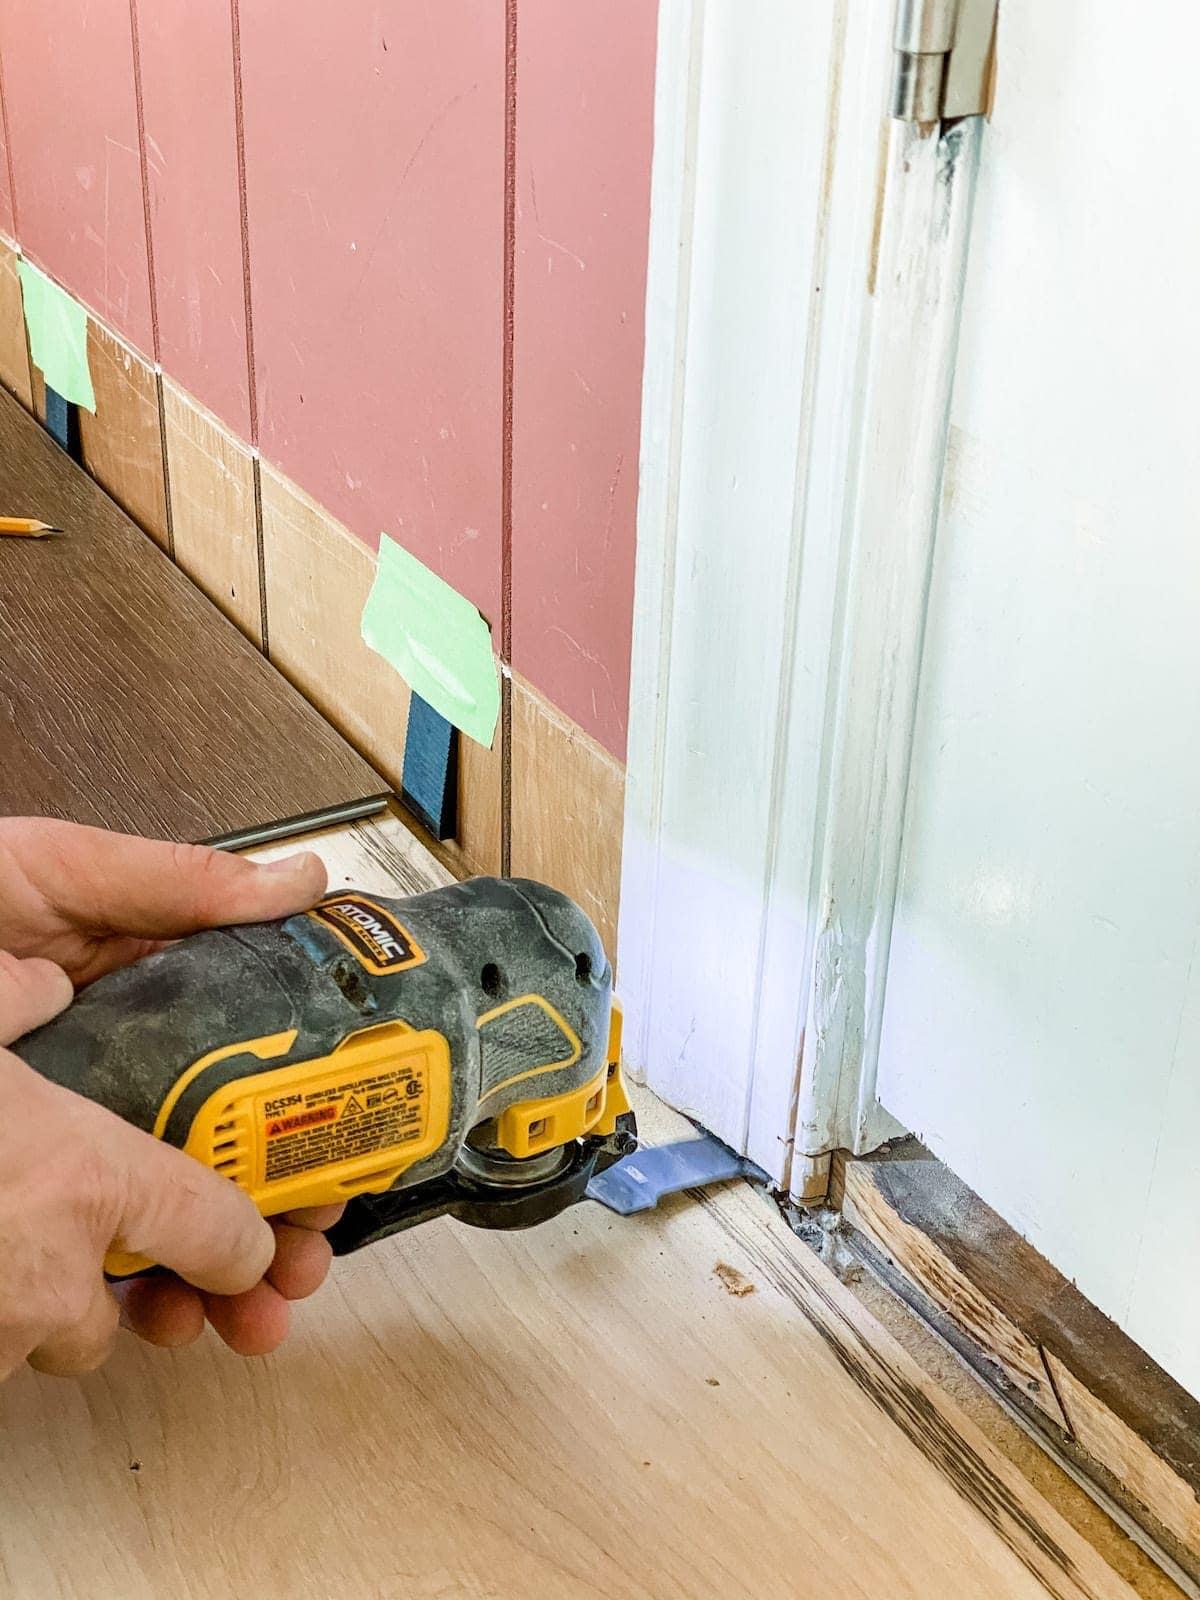 undercutting door jambs for luxury vinyl plank flooring